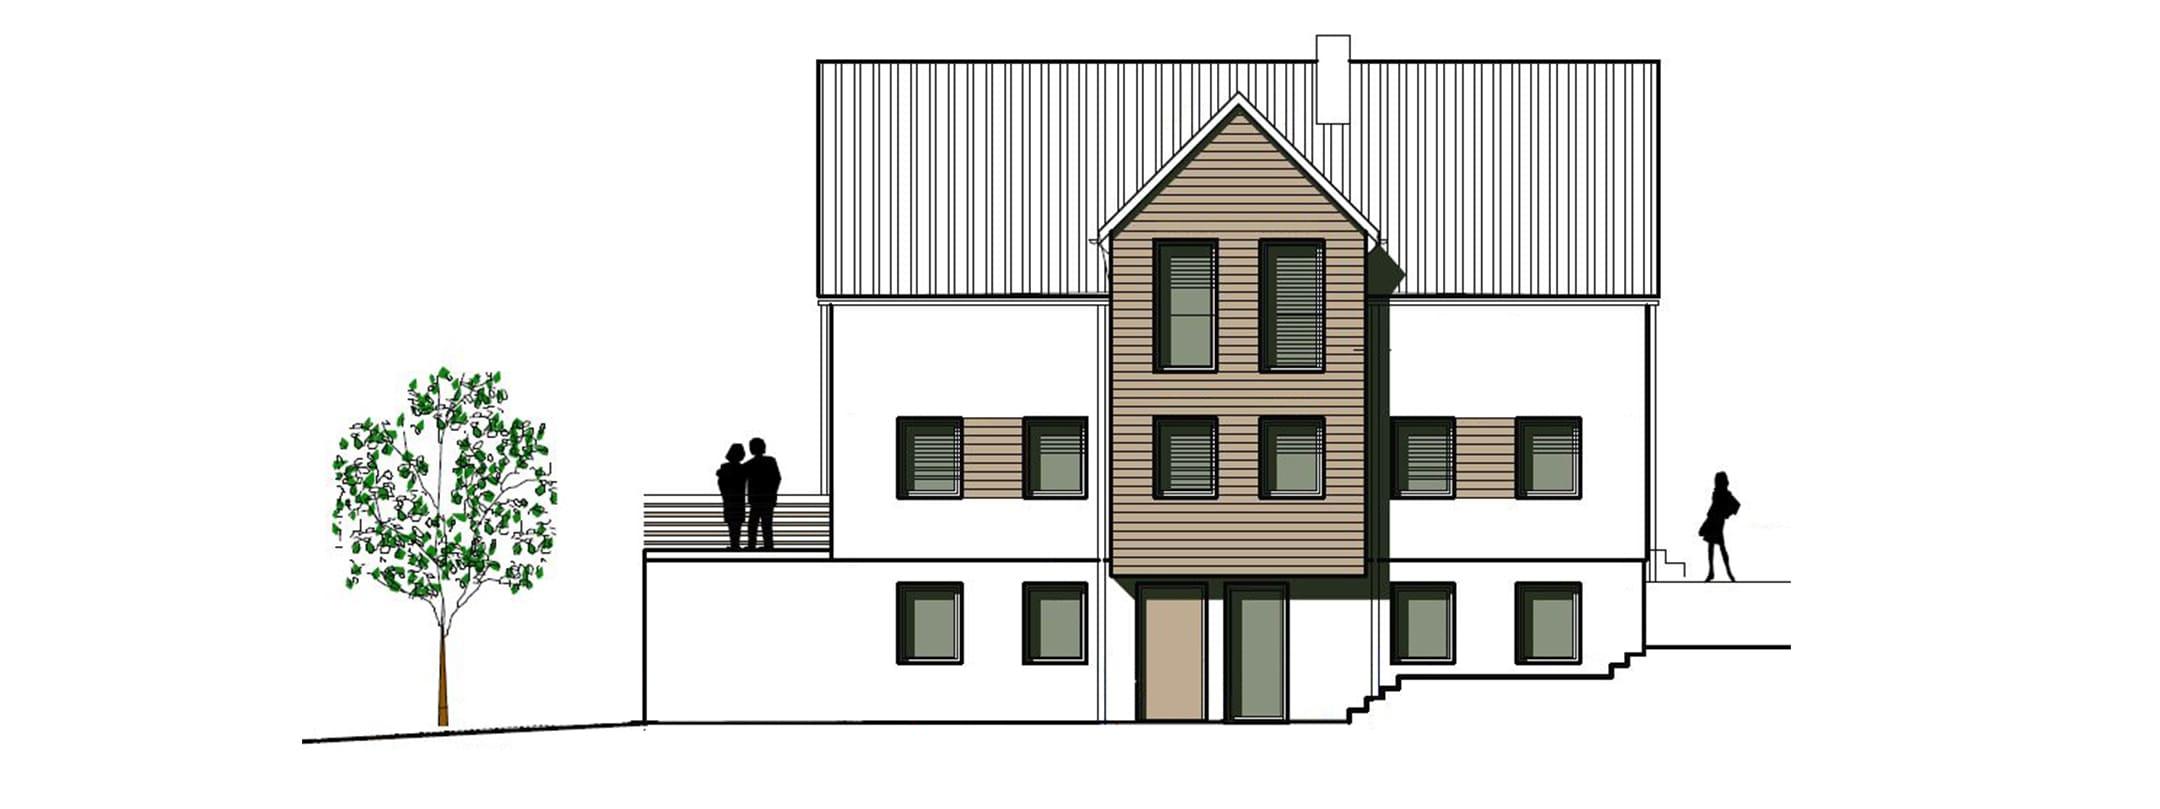 Aufbau Kundenhaus in 71387 Wienstadt